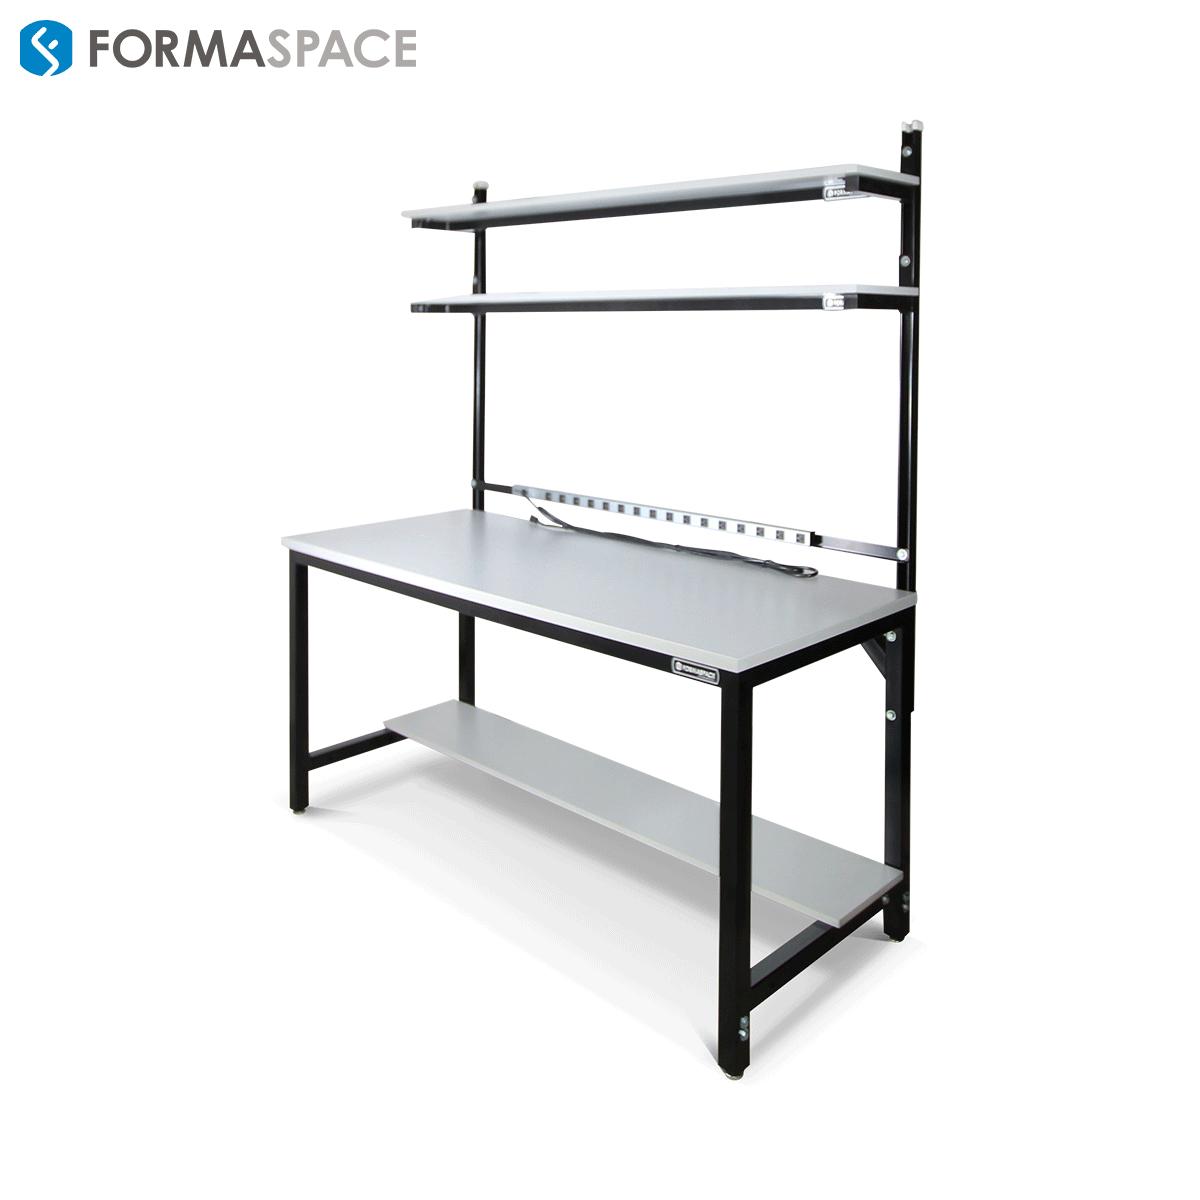 height adjustable leg kit workbench